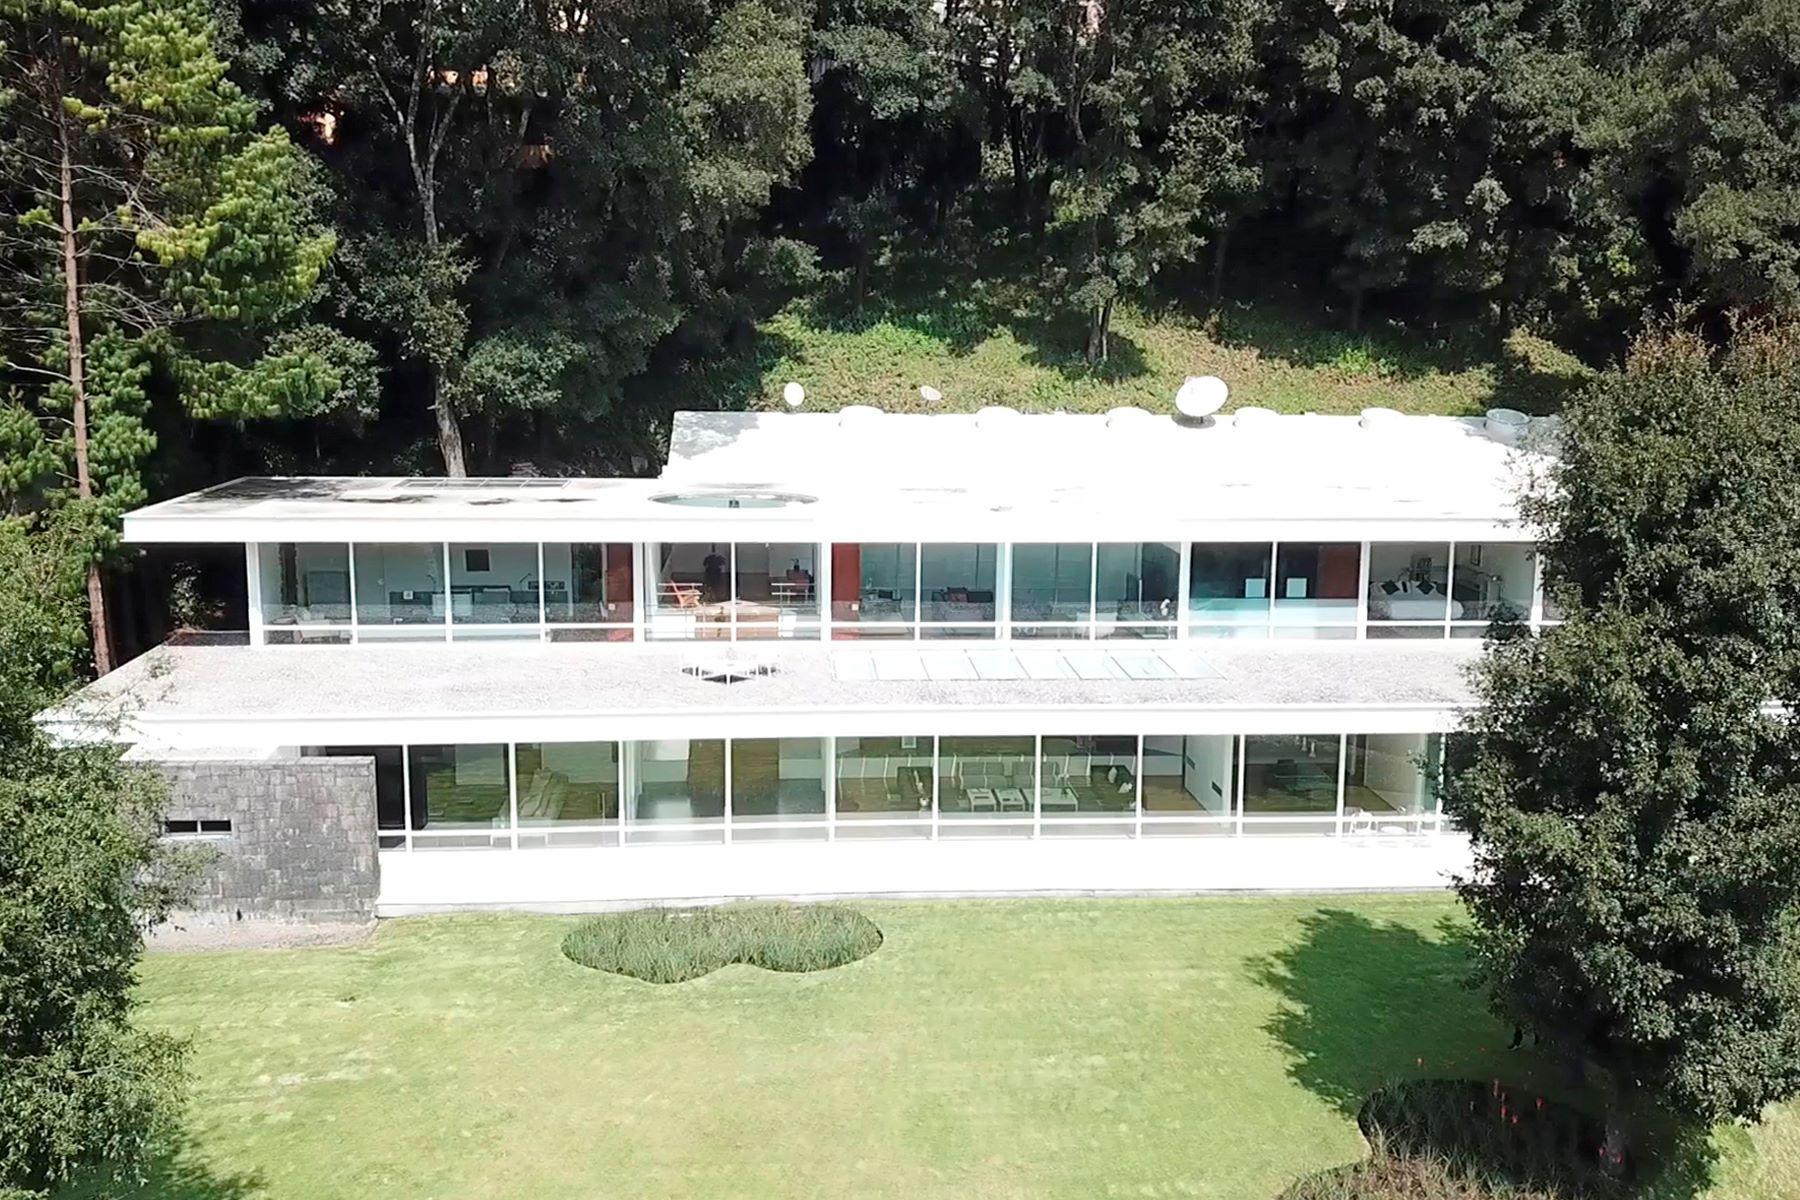 Single Family Home for Sale at Casa del Bosque , Acopilco, Ciudad de Mexico 1a Cerrada Monte de las Cruces 86 San Lorenzo Acopilco Mexico City, Ciudad de Mexico 05410 Mexico